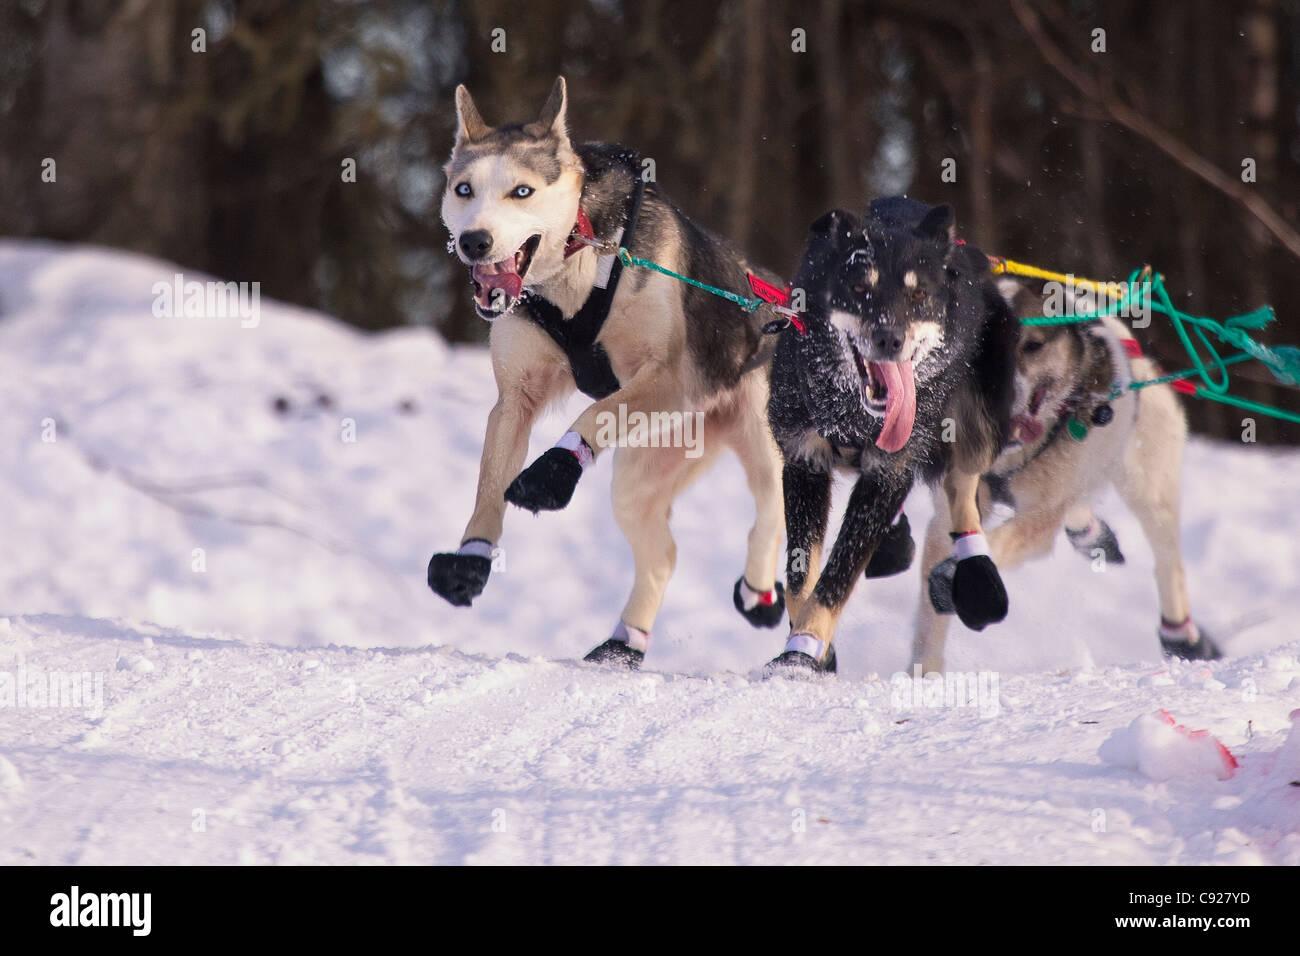 Zoya DeNure Blei Hunde laufen während der 2011 Iditarod zeremonielle Start in Anchorage, Alaska Yunan, Winter Stockbild